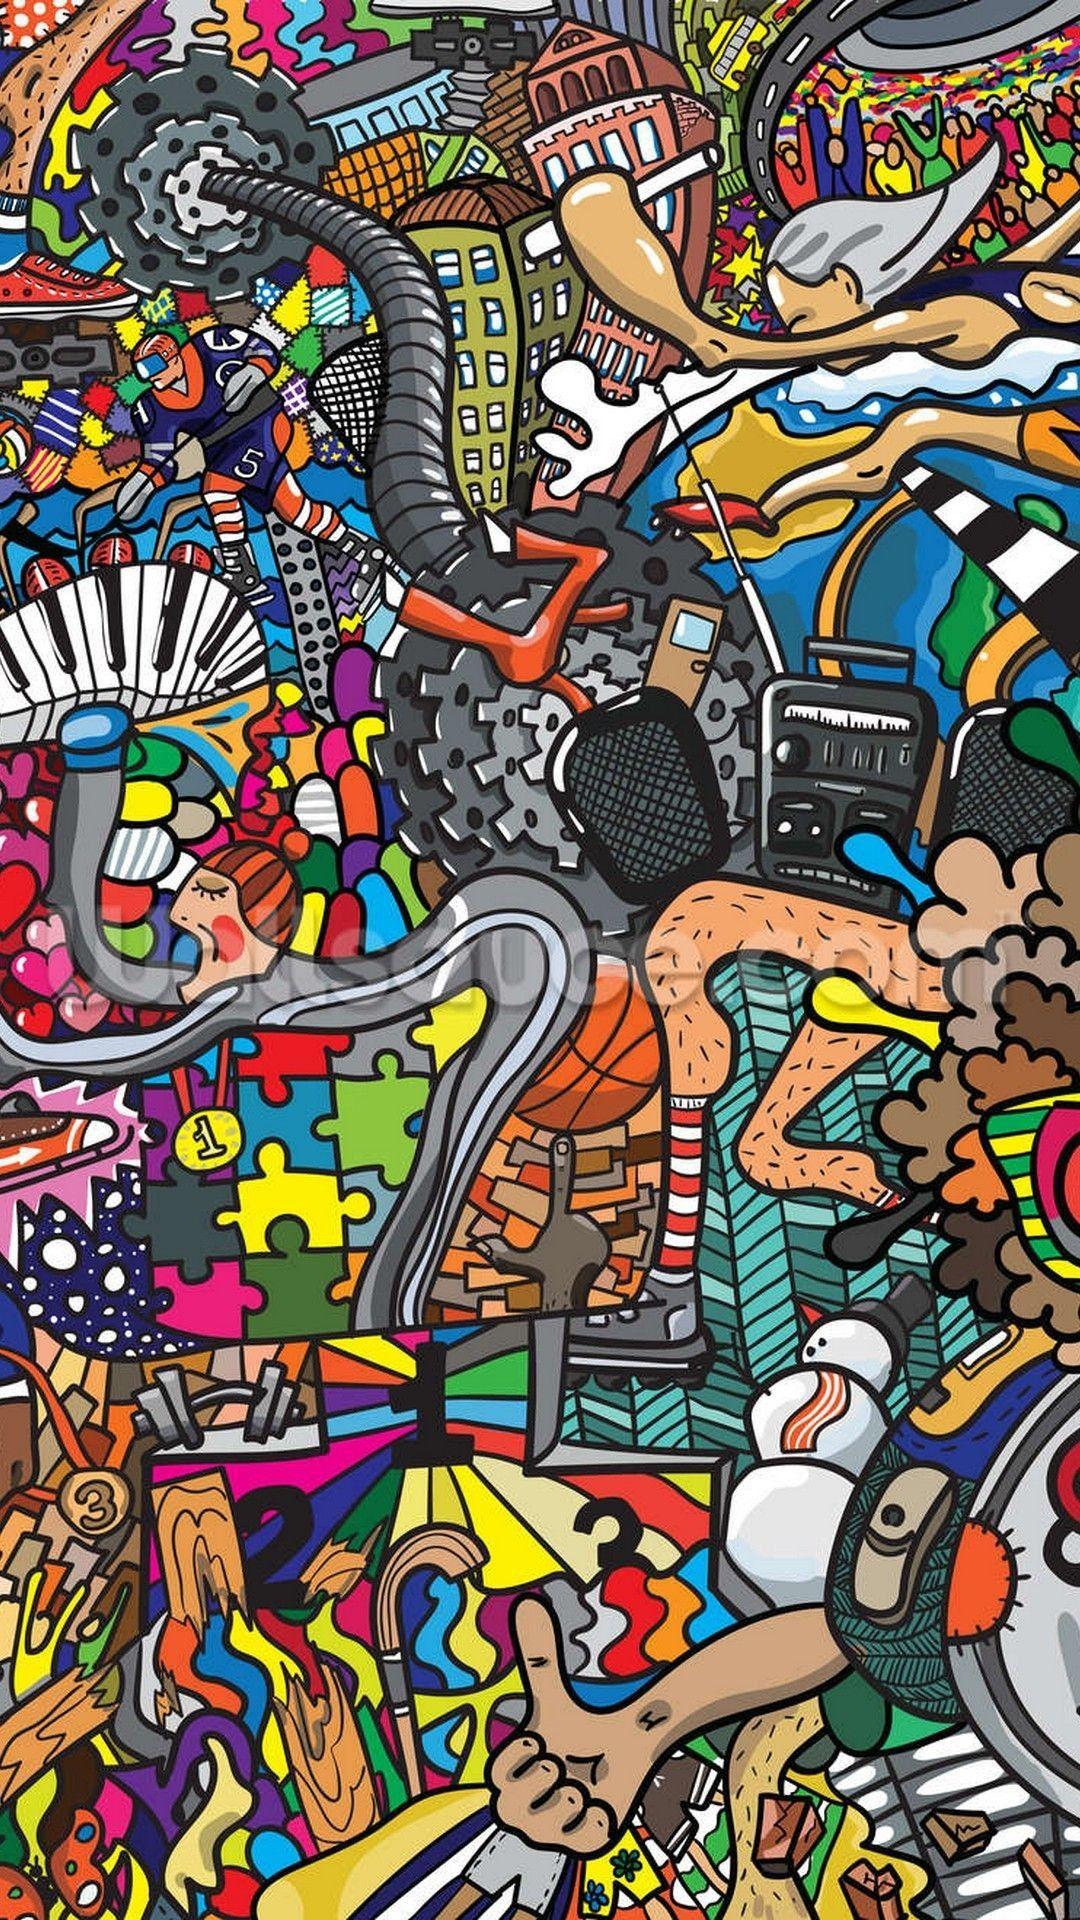 Graffiti Wallpaper Ios > Flip Wallpapers > Download Free